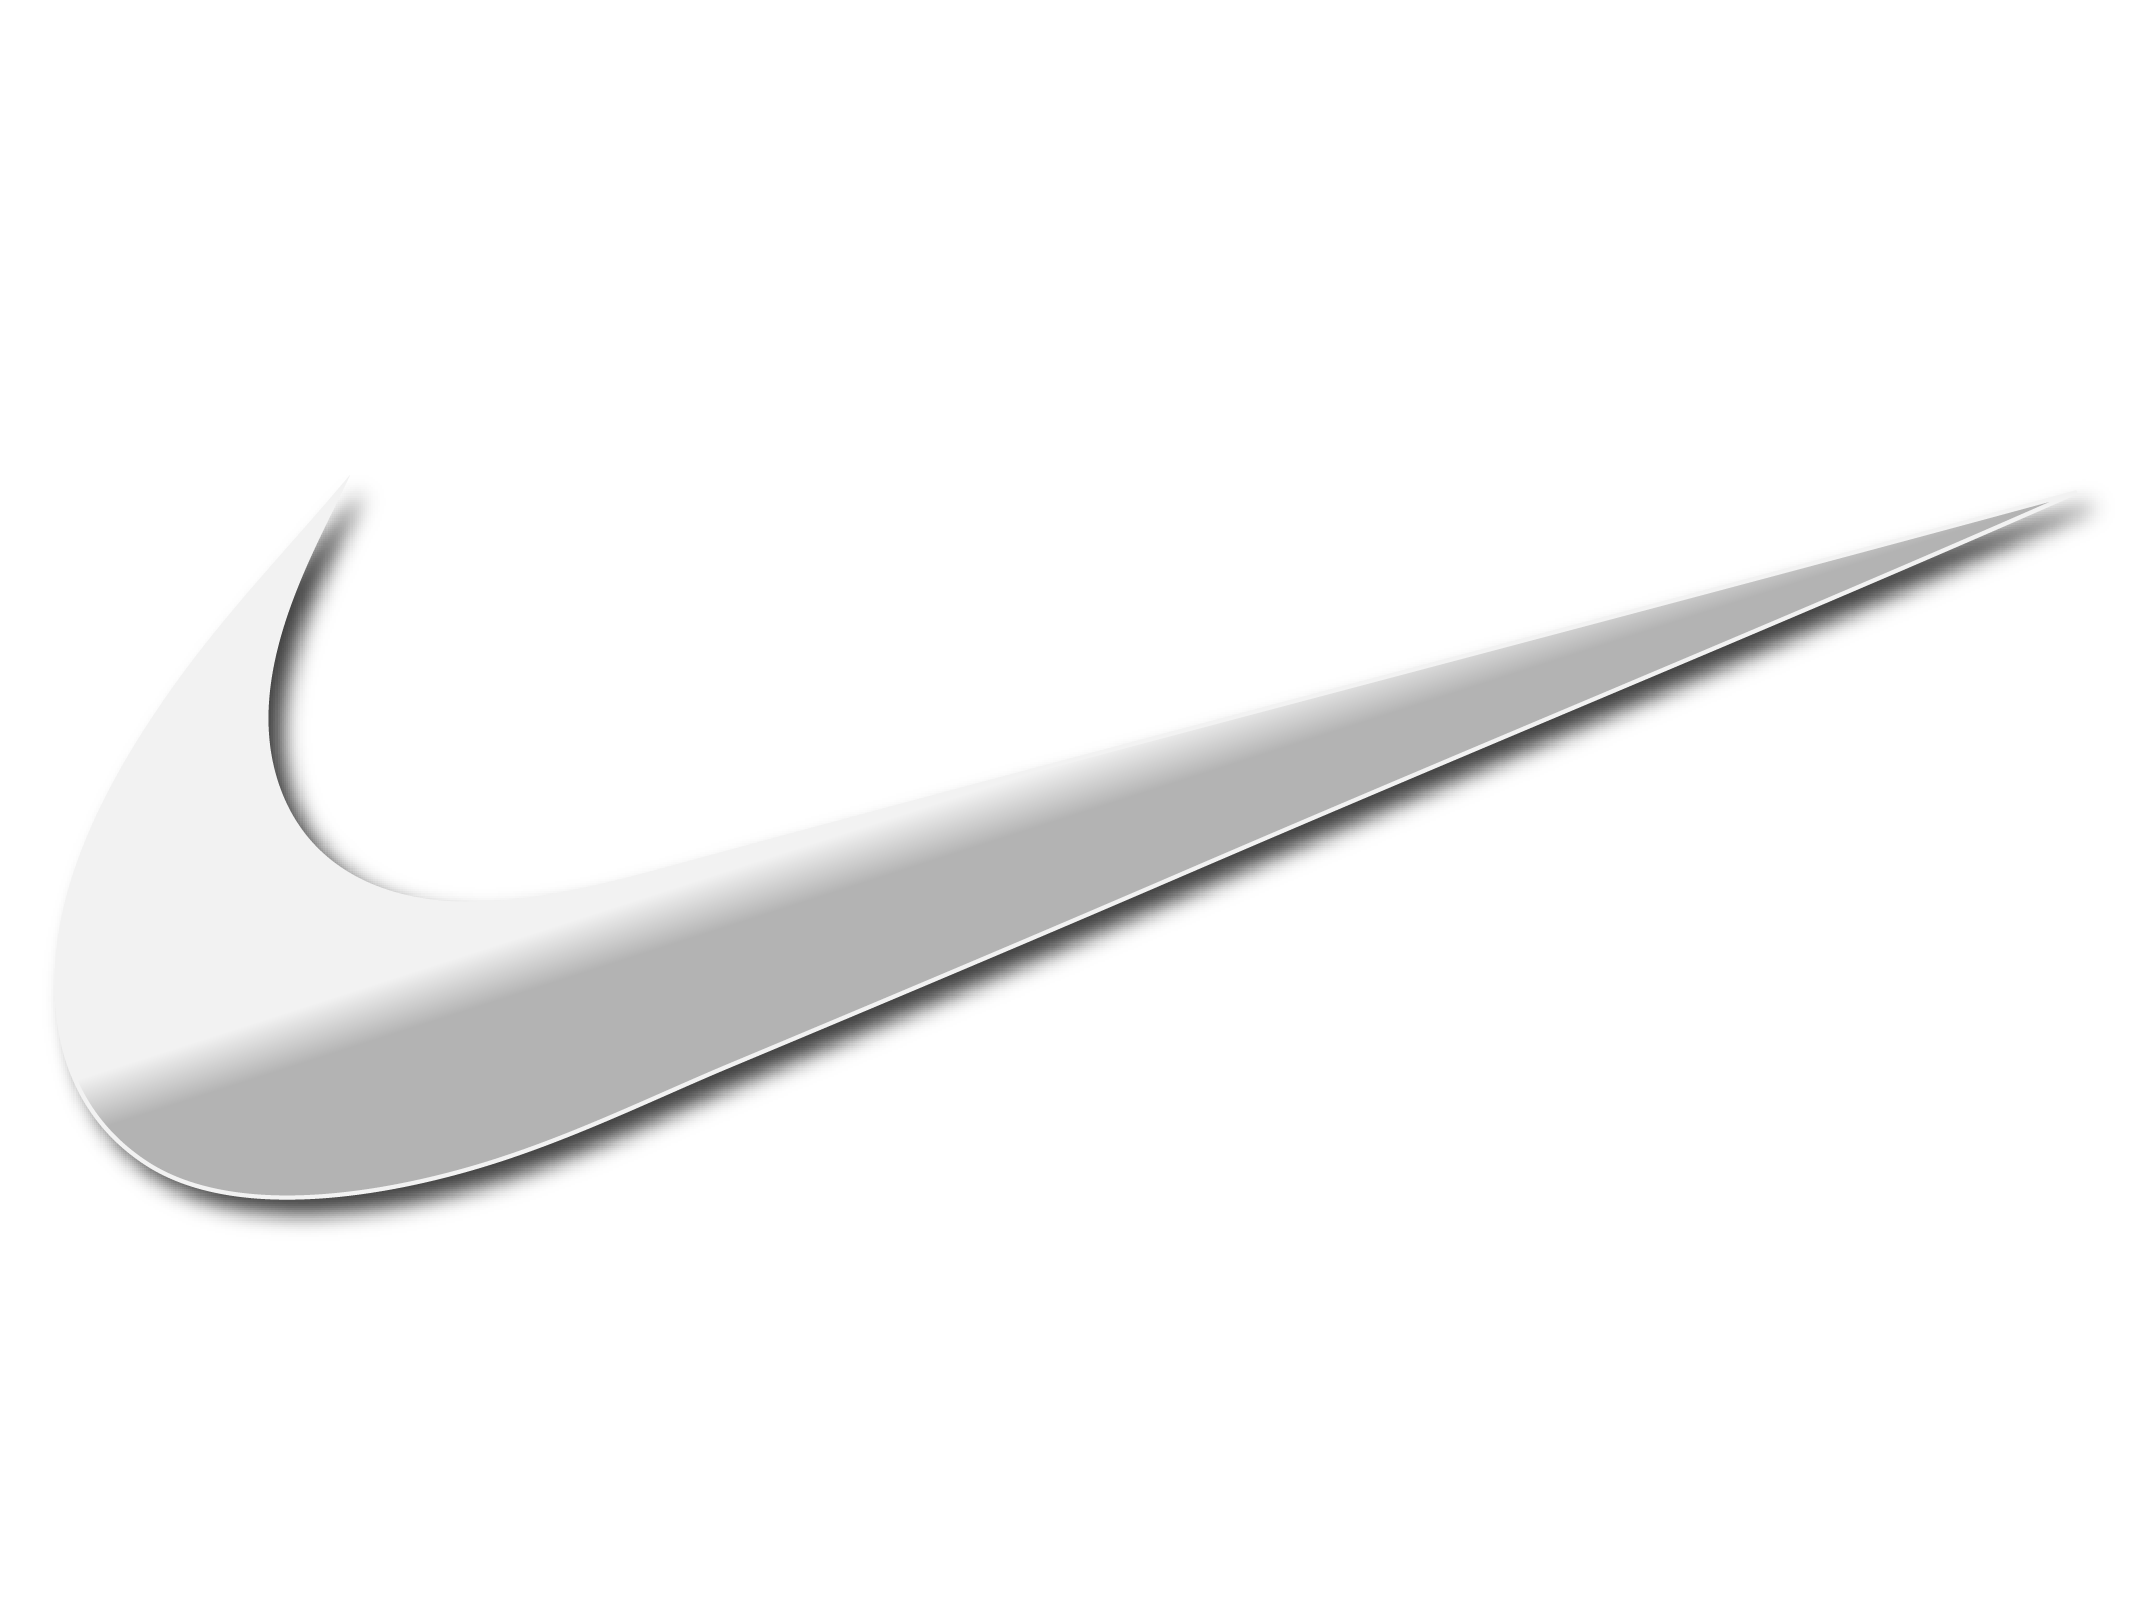 PNG File Name: Nike Logo PlusPng.com  - Nike Logo PNG